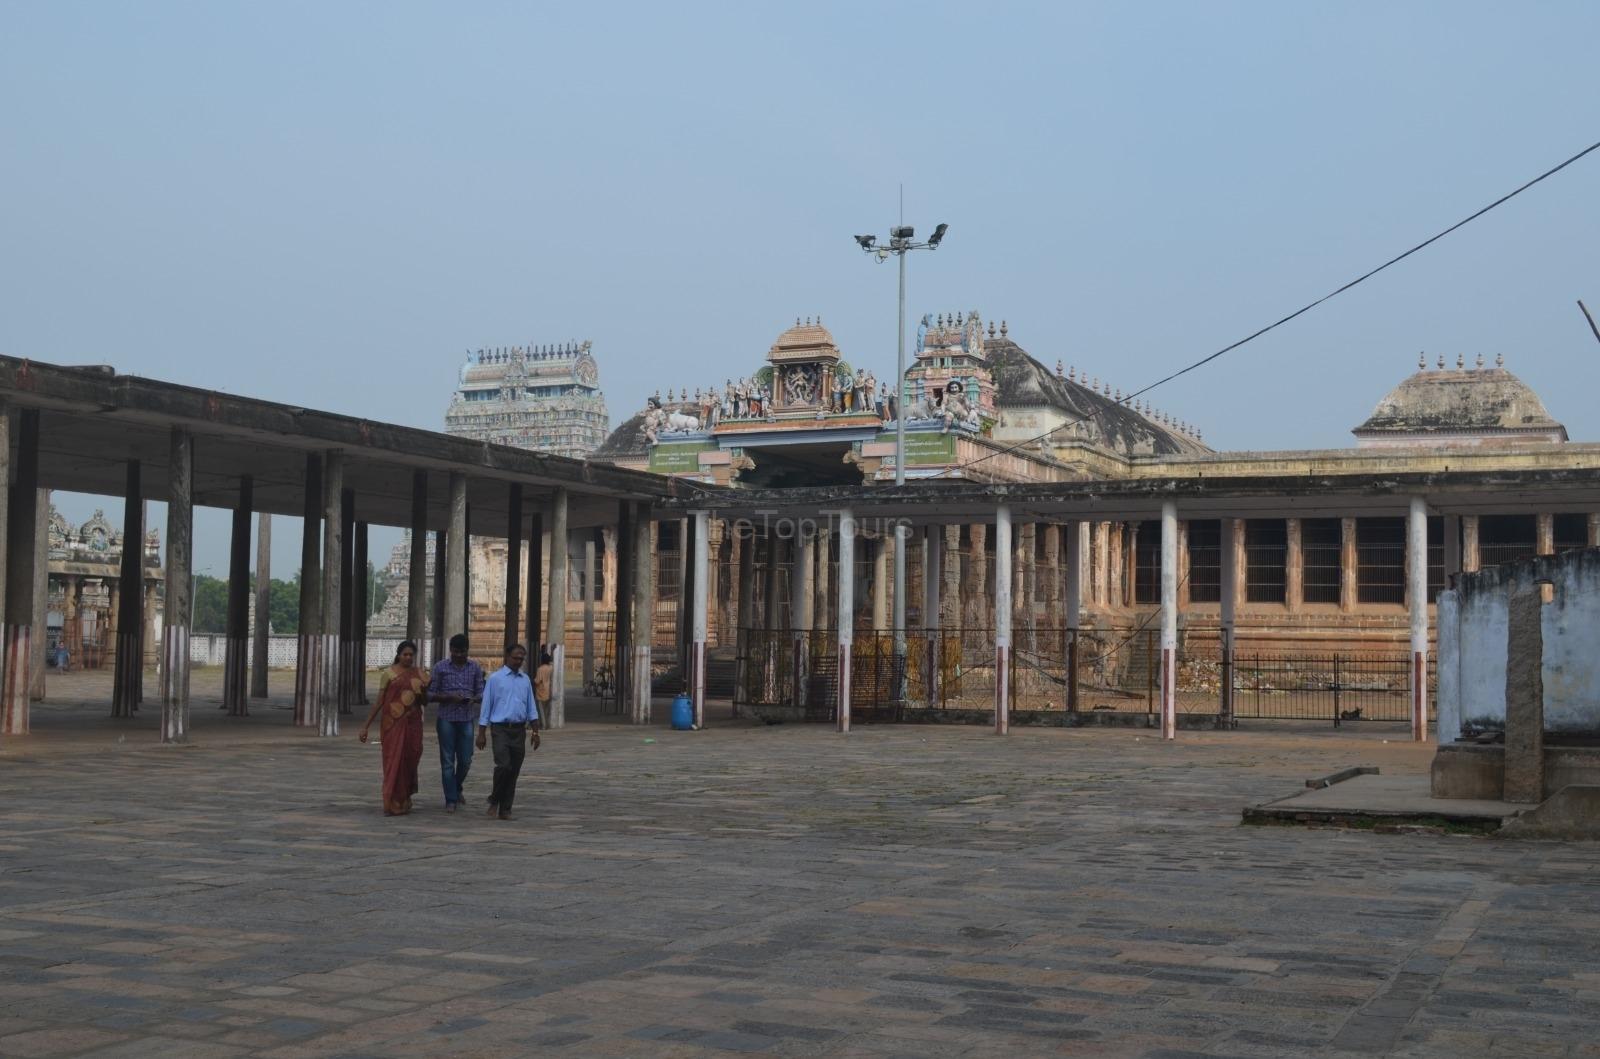 Thousand Pillar Hall Nataraja Temple Complex Chidambaram, Tamil Nadu